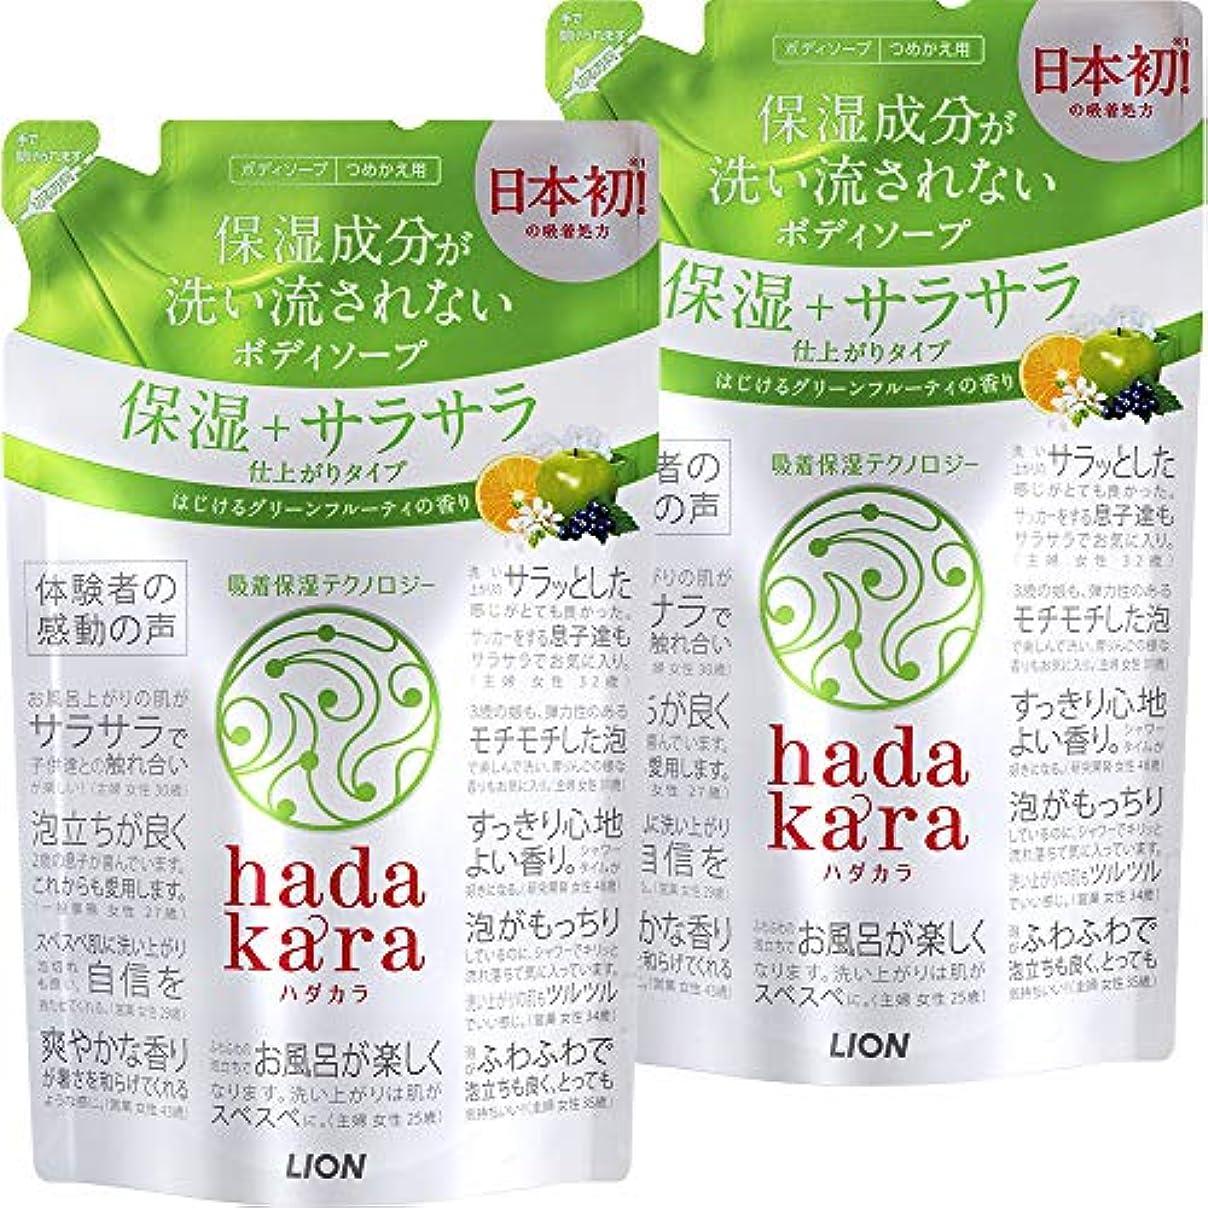 州義務価値のない【まとめ買い】hadakara(ハダカラ) ボディソープ 保湿+サラサラ仕上がりタイプ グリーンフルーティの香り 詰め替え 340ml×2個パック